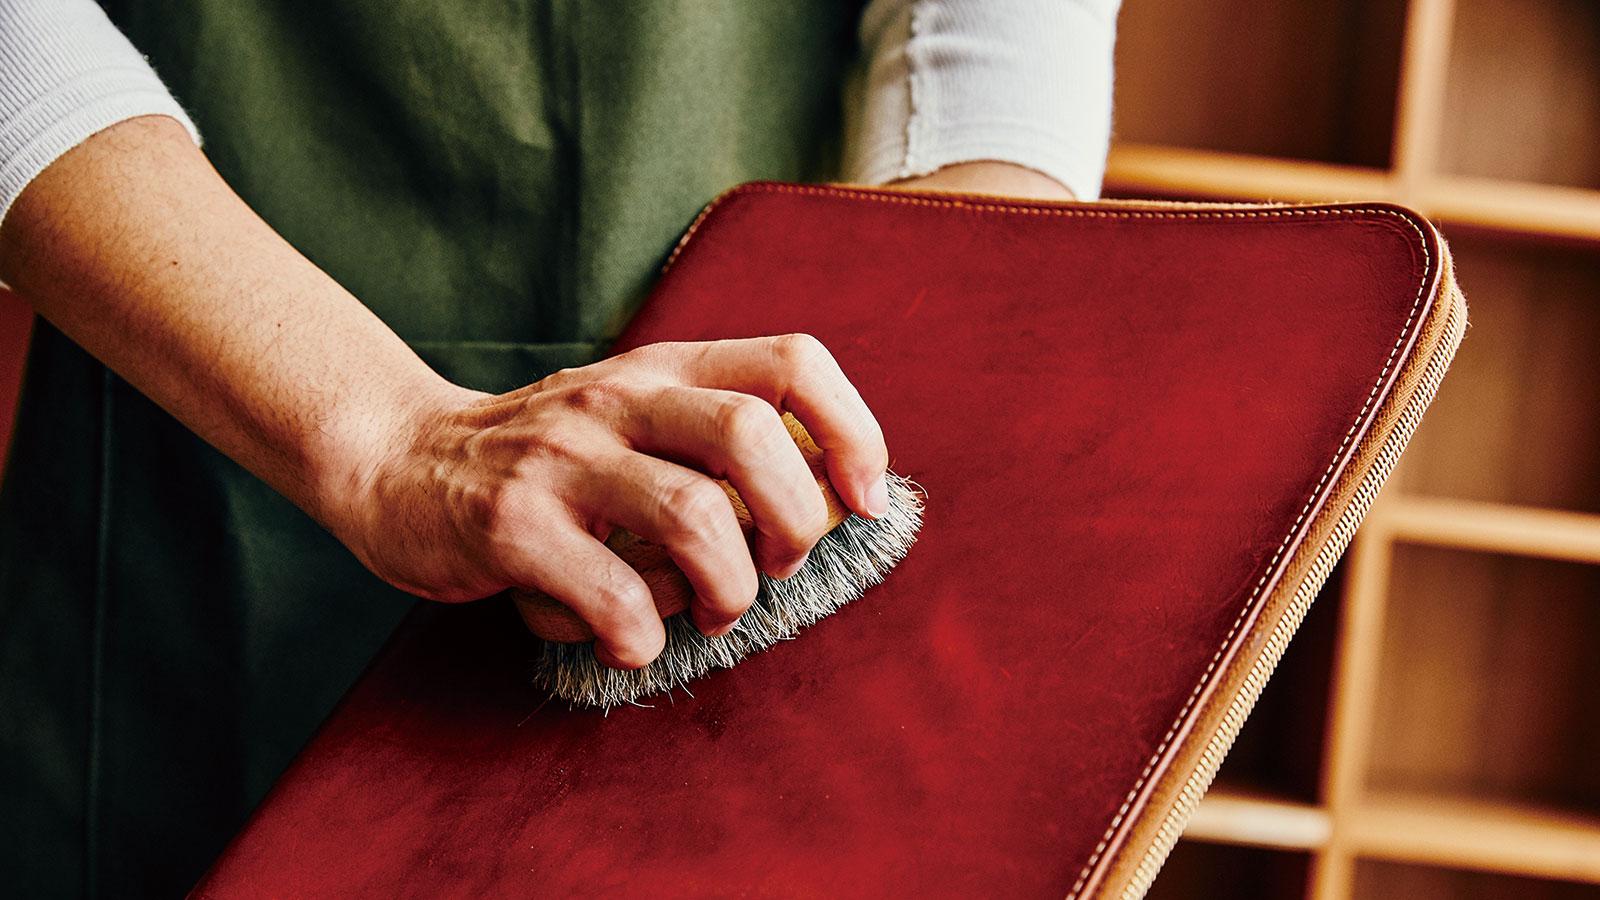 革靴とグレンロイヤルのレザーアイテムを対象としたプレミアムケアサービスがスタート 青山本店限定